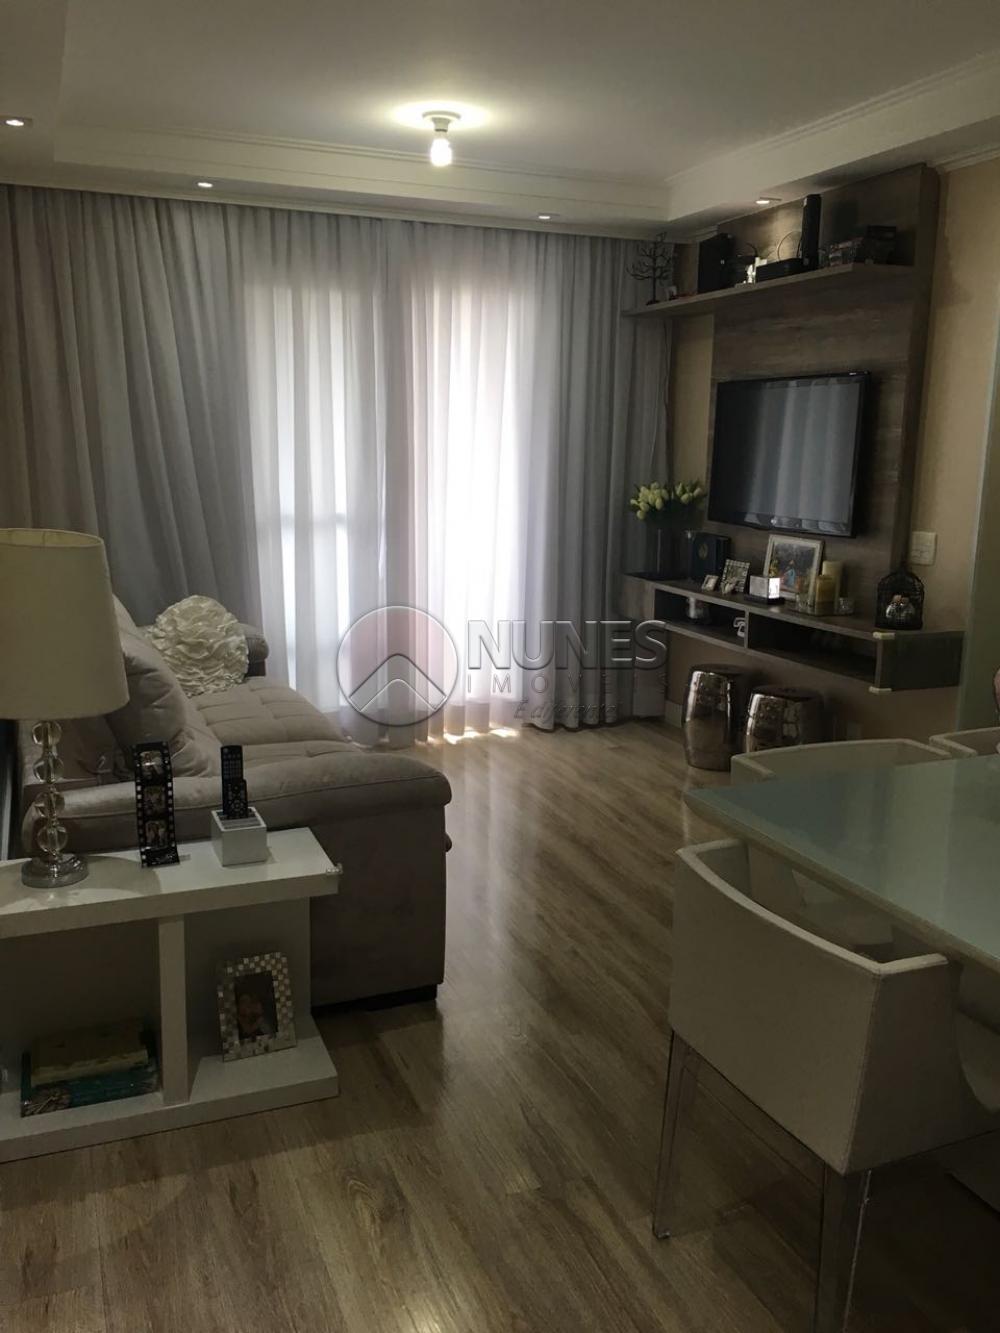 Comprar Apartamento / Apartamento em Osasco apenas R$ 380.000,00 - Foto 1